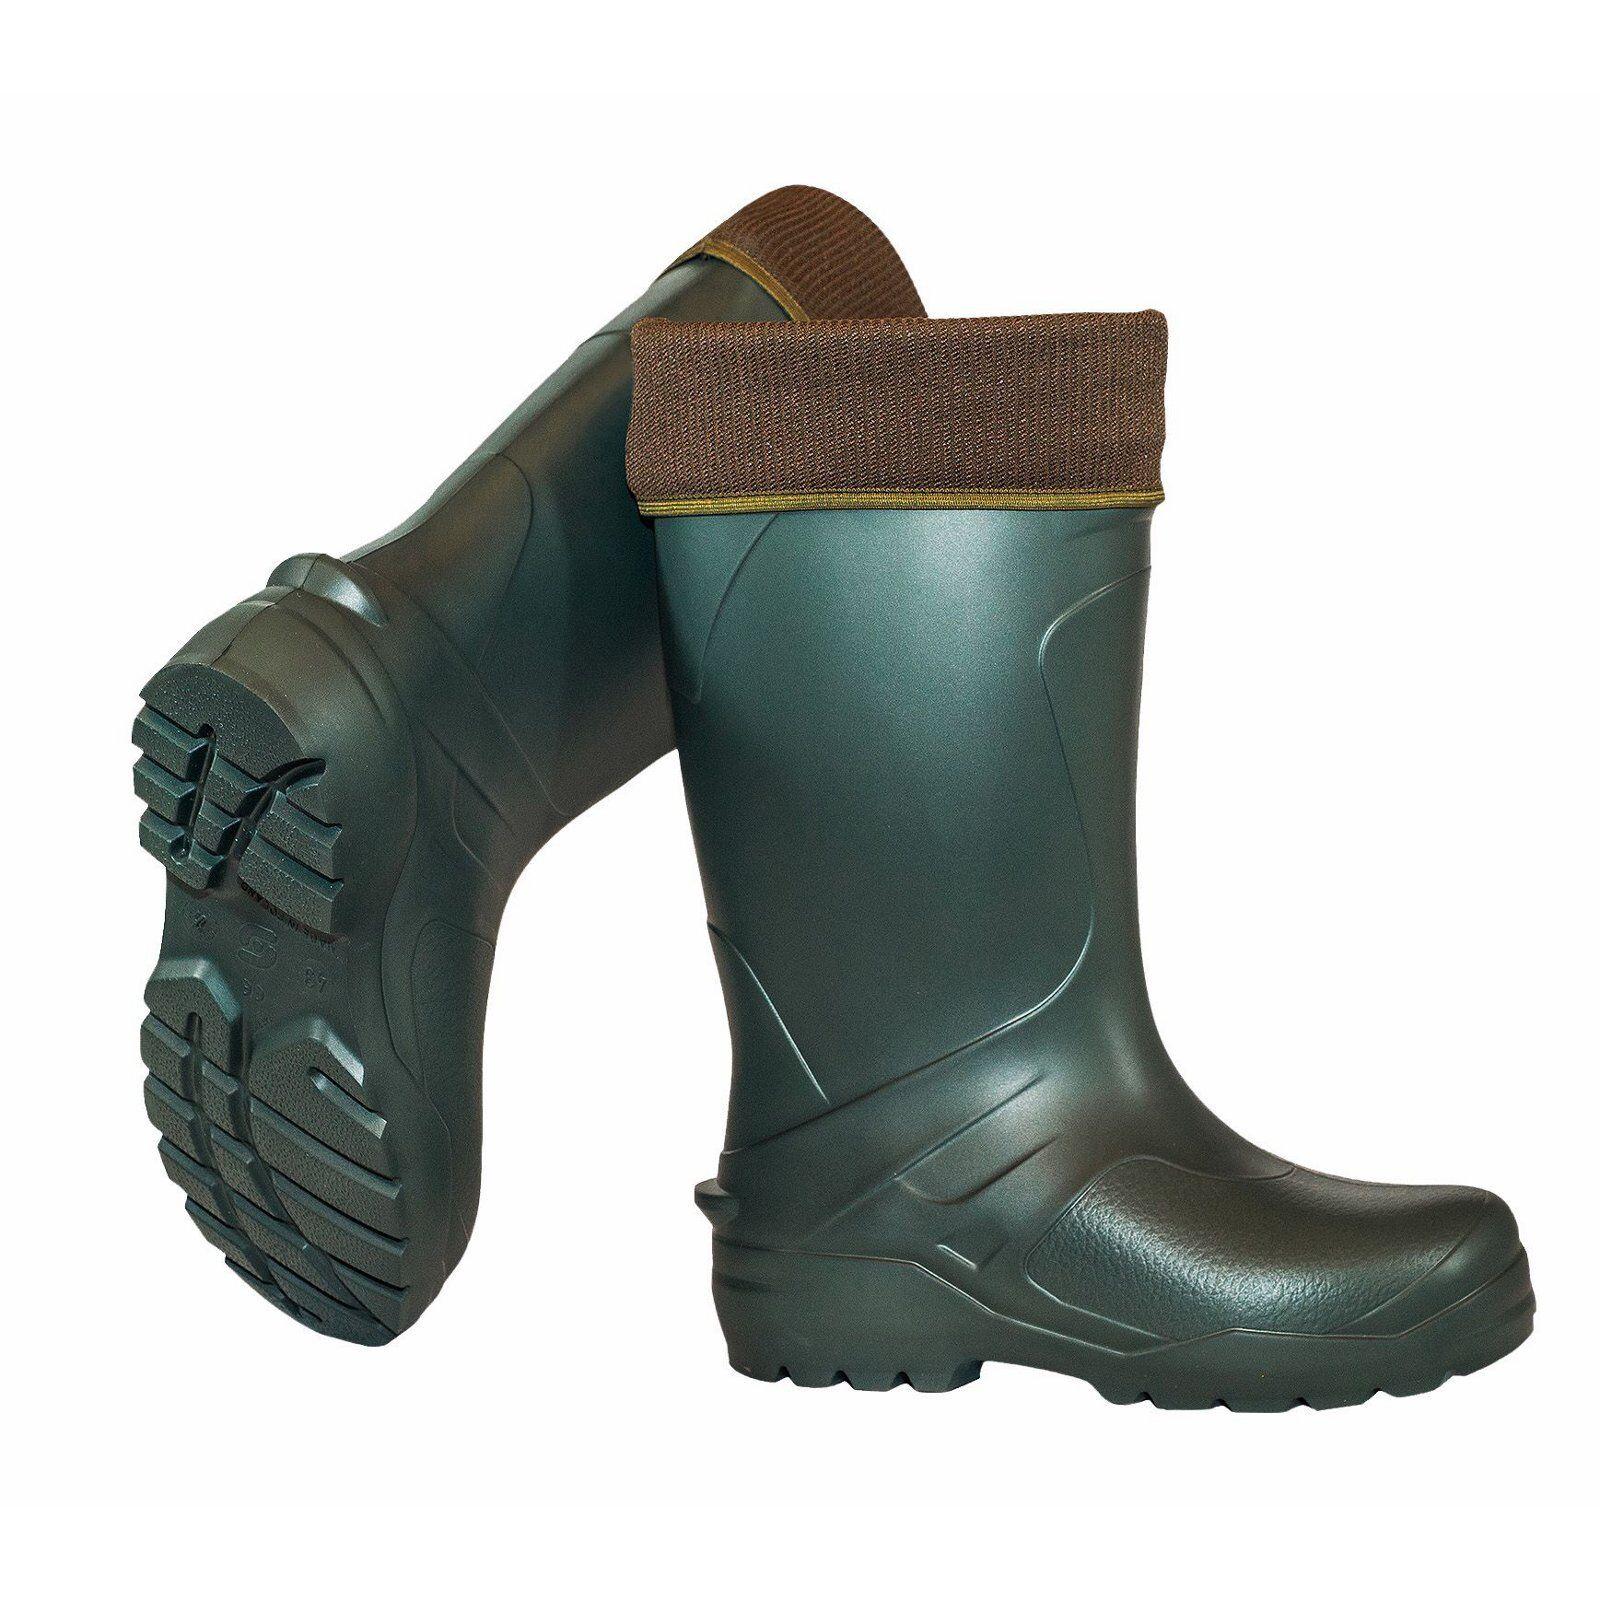 Crosslander Botas de Hombre Vancouver - Verde - - - 44 Zapatos los Invierno 9ae98e